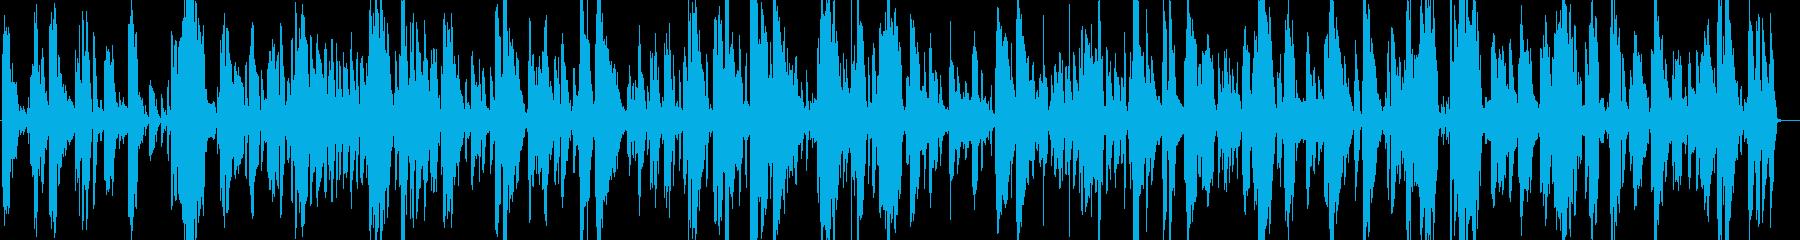 爽やかかっこいい疾走感トランペットジャズの再生済みの波形